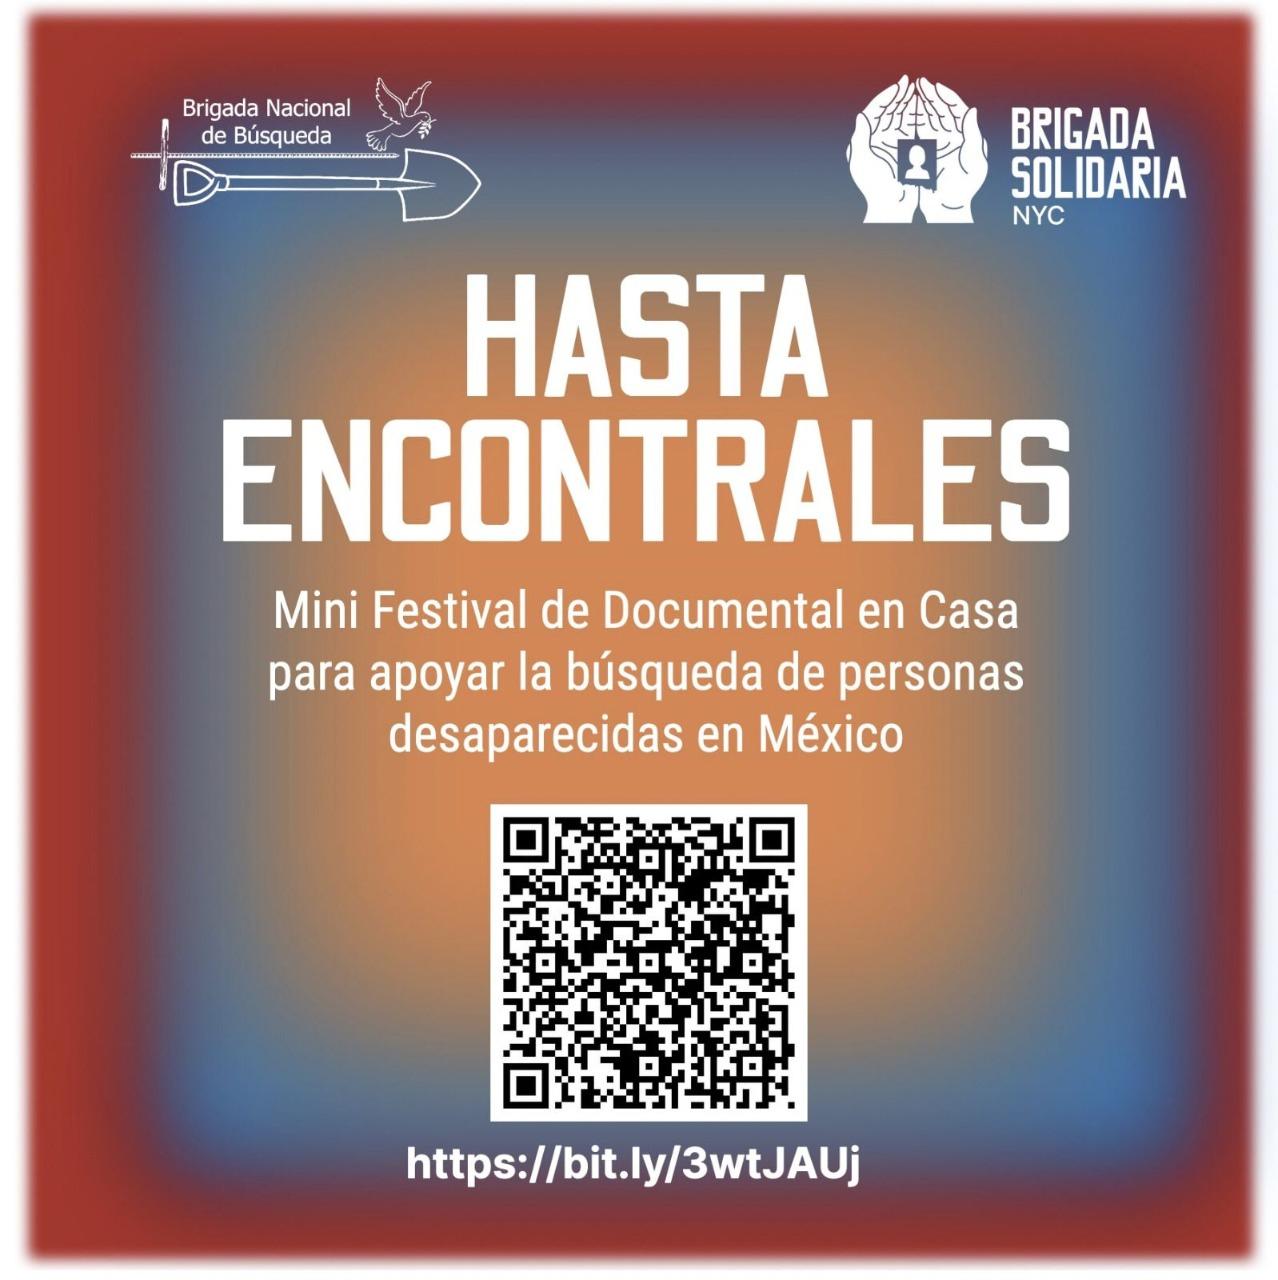 EN AGENDHA | Mini festival de documental en apoyo a búsqueda de personas desaparecidas